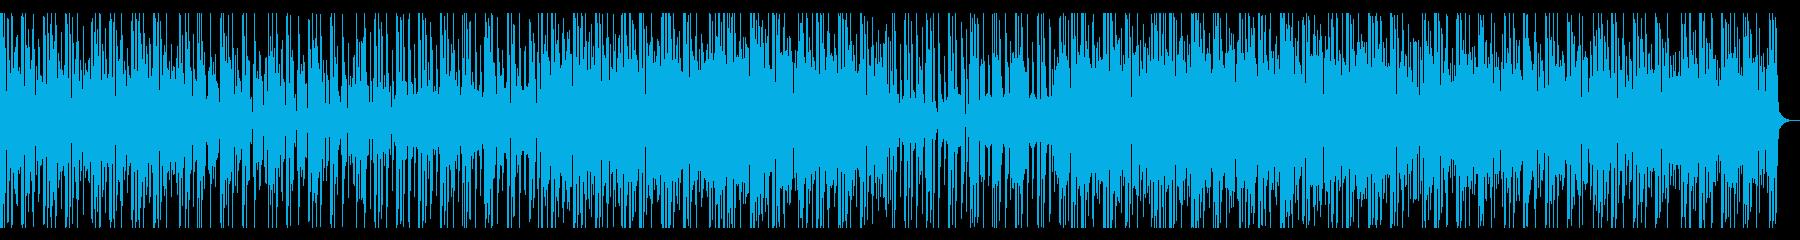 都会/ニュージャックスウィングNo506の再生済みの波形